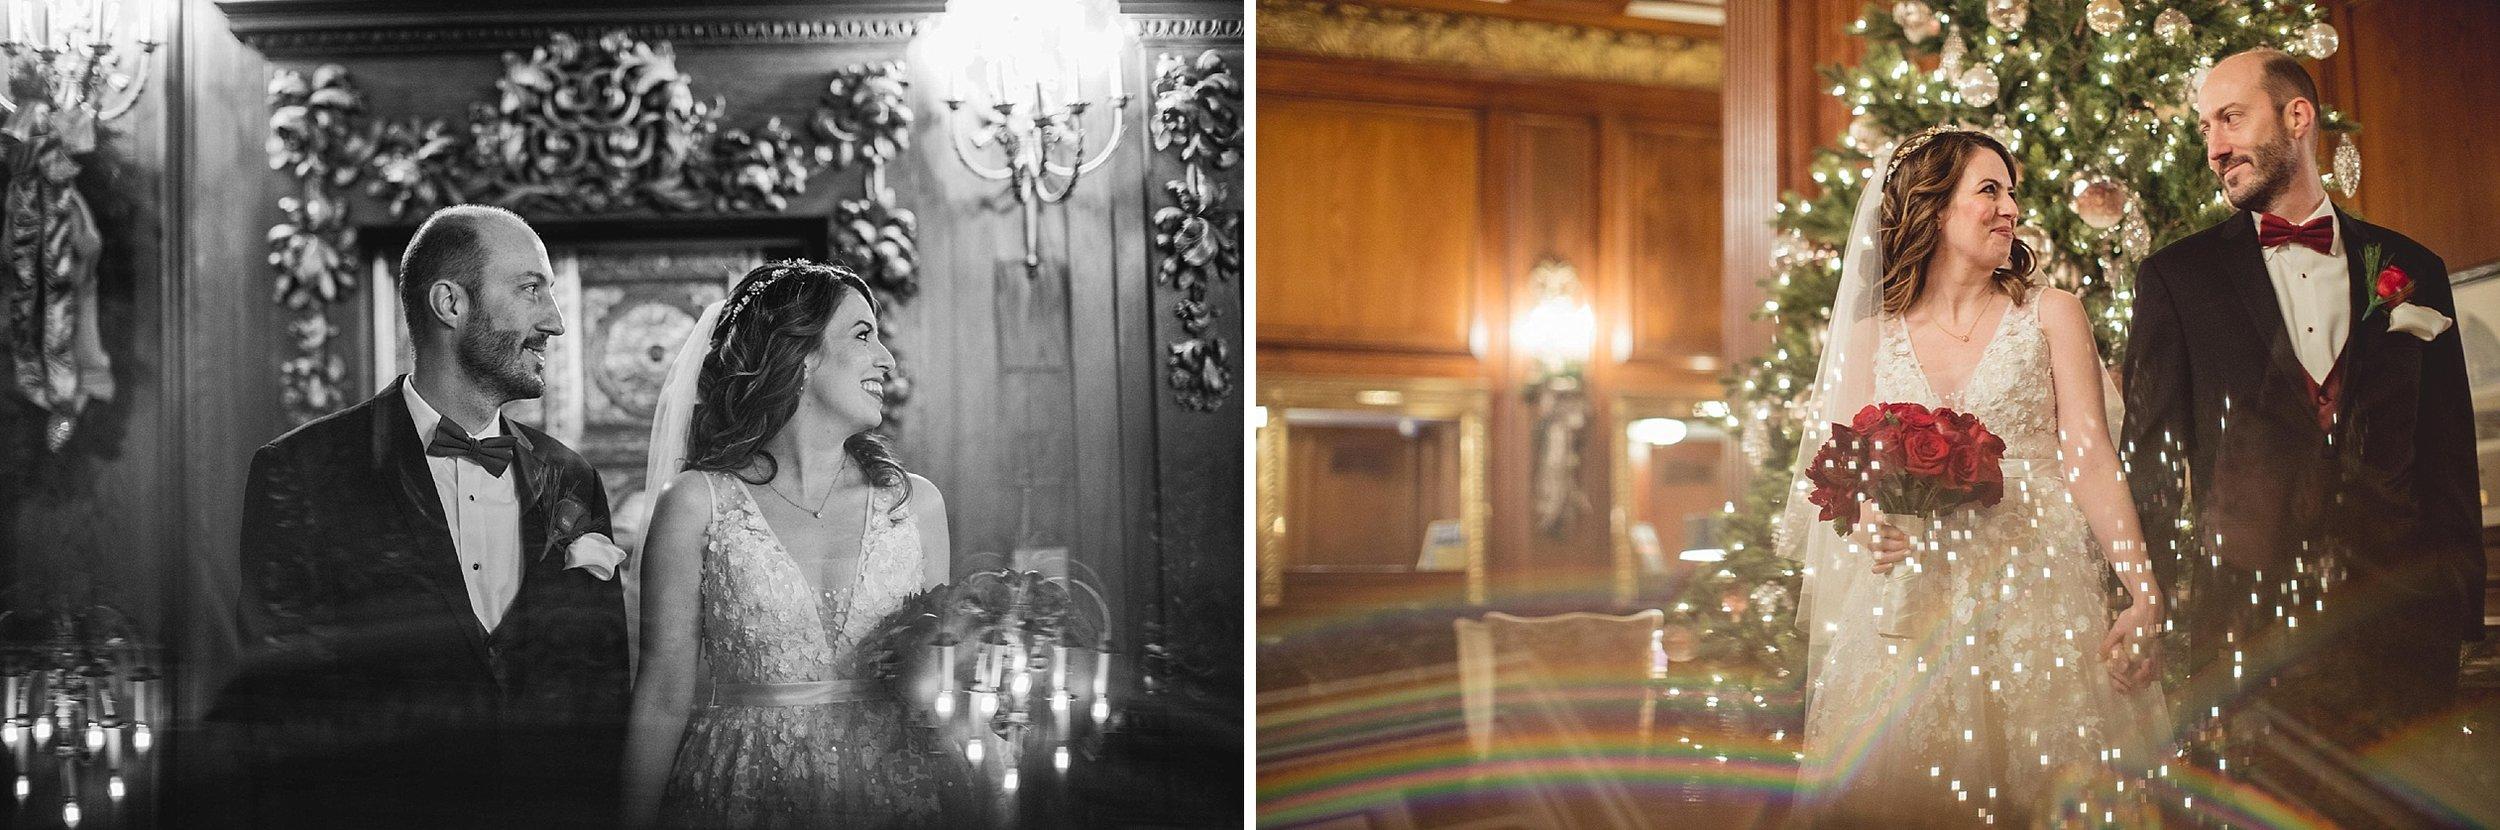 Omni-parker-wedding-14.jpg